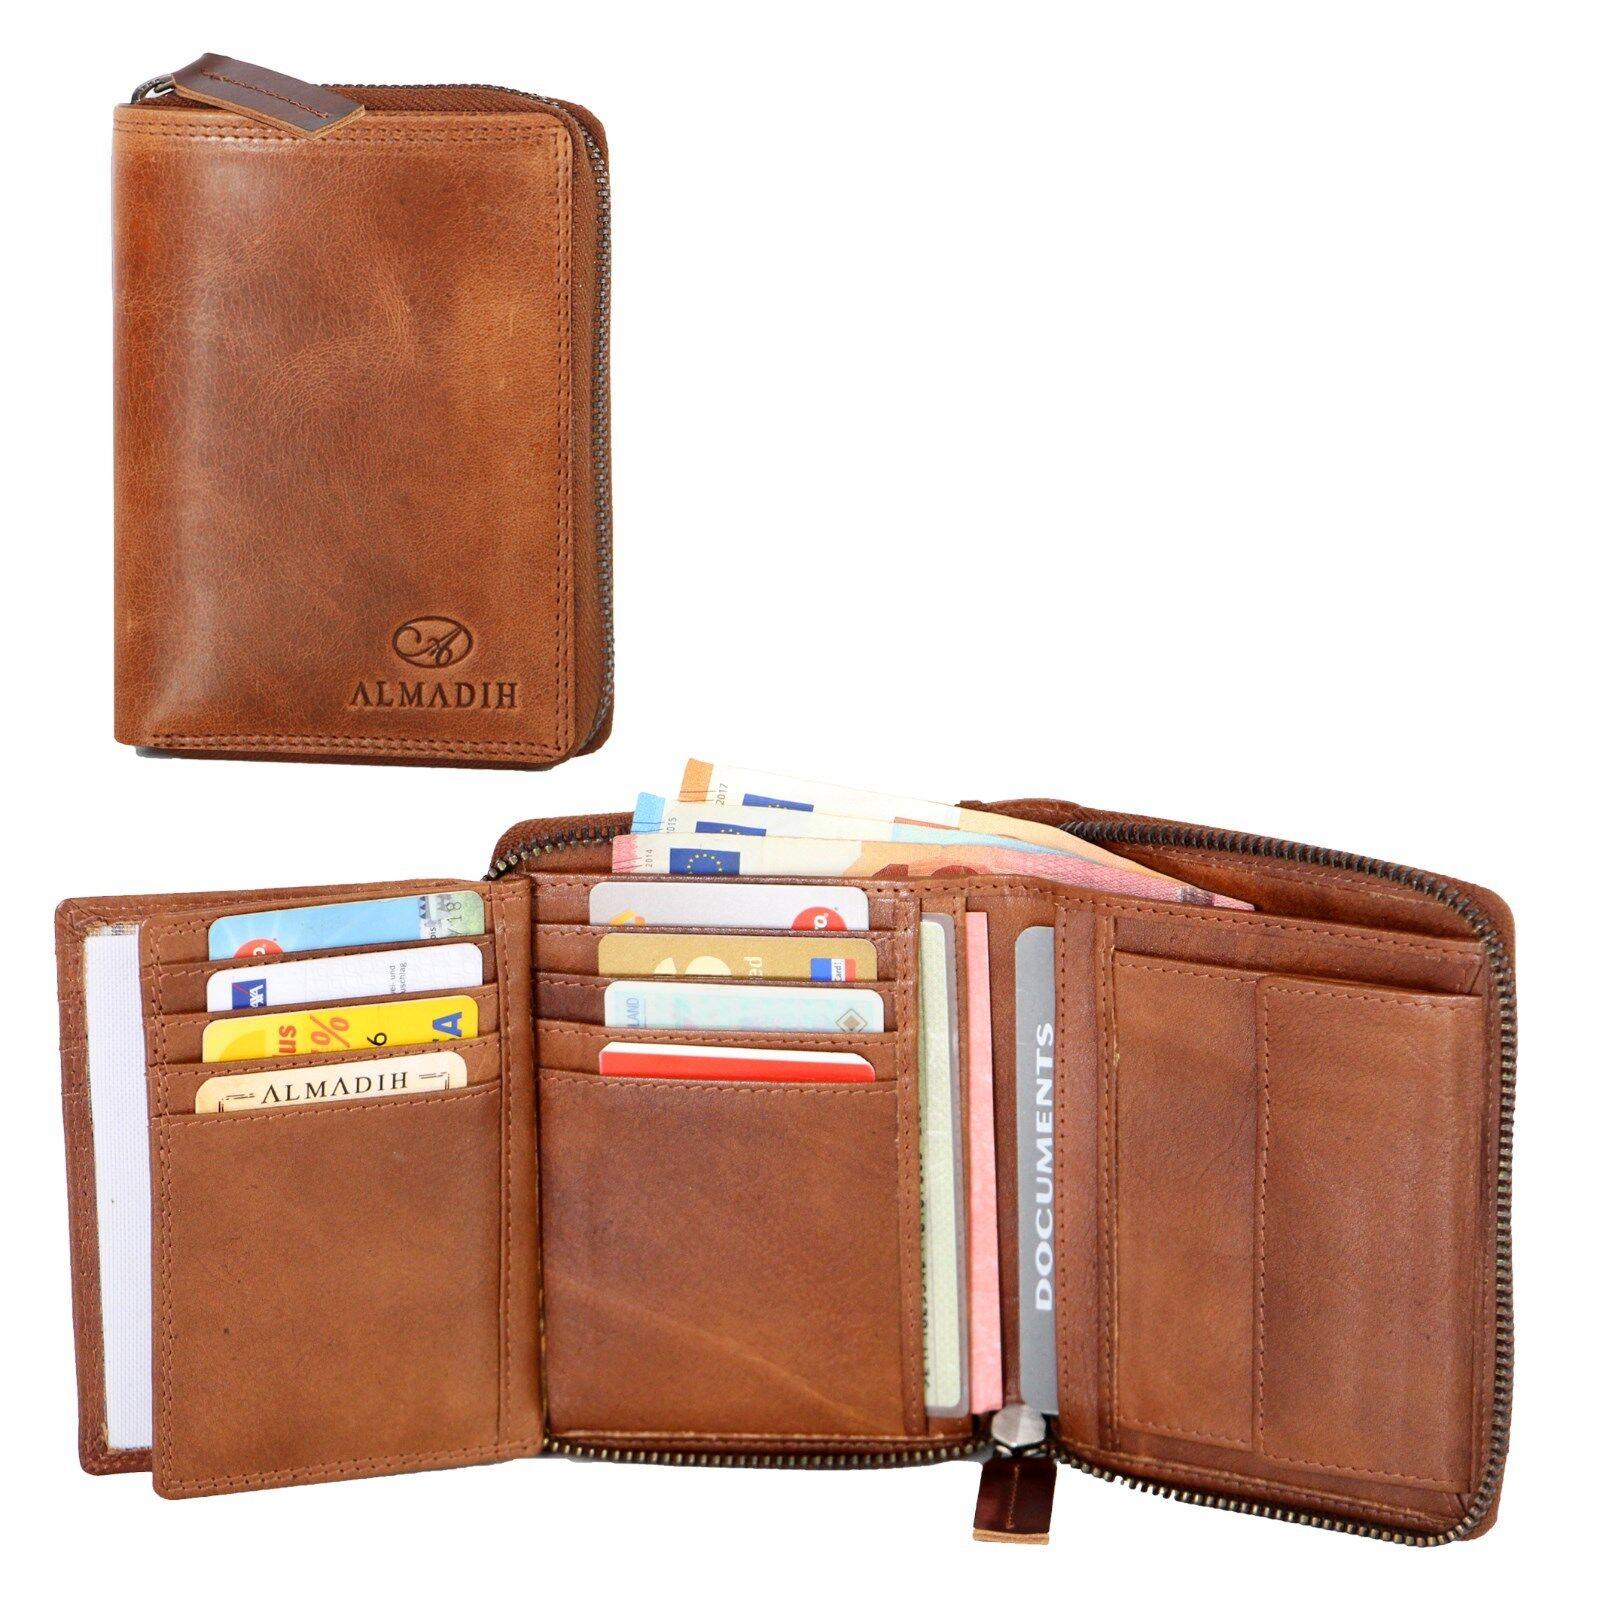 ALMADIH Leder Leder Leder Portemonnaie 17 Karten Geldbörse Herren Damen Brieftasche P2H-RV | Hervorragende Eigenschaften  0db553